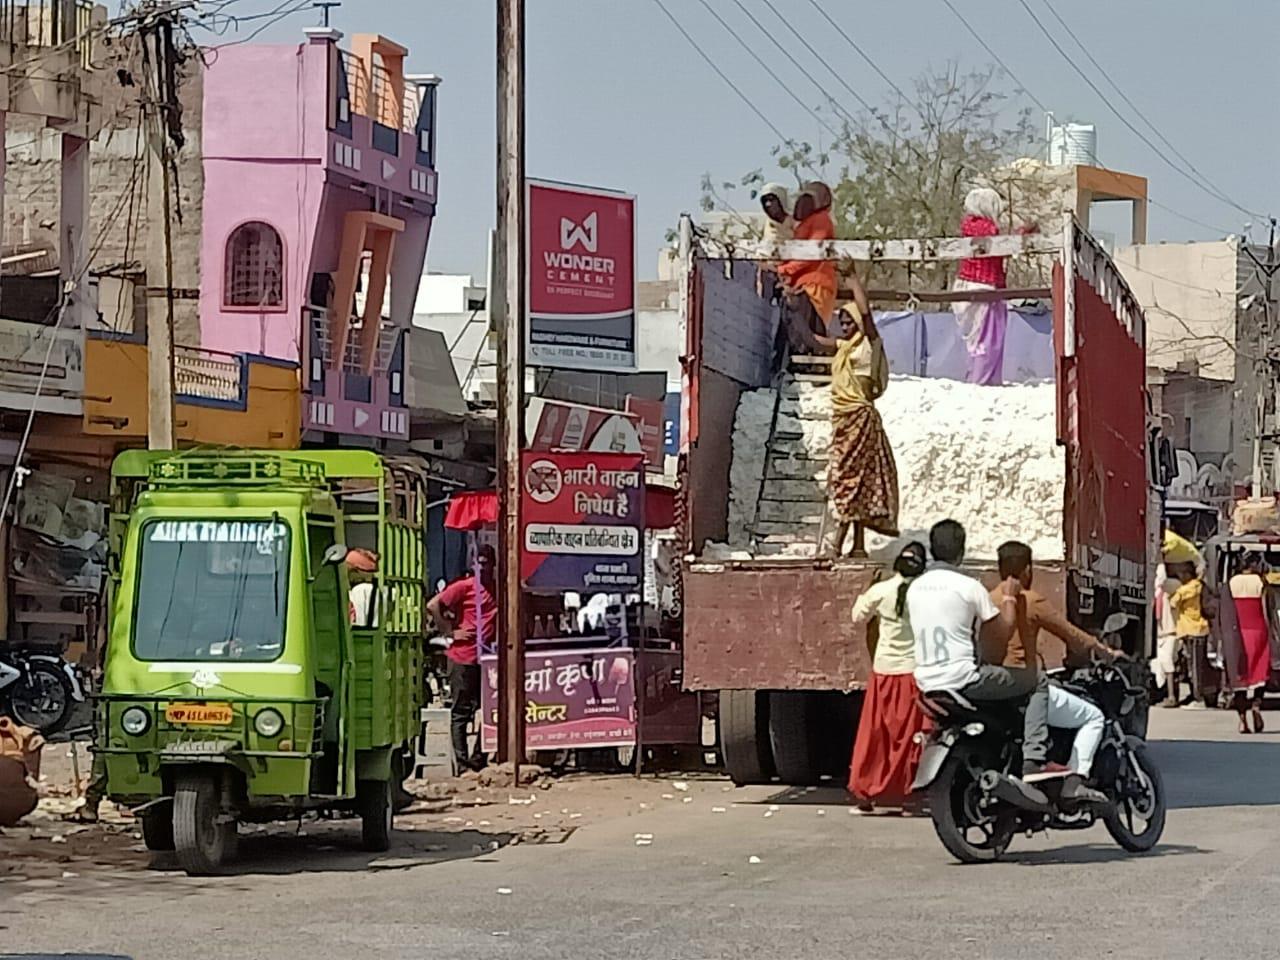 Thandla News- दिन के समय बाजार में भारी वाहन प्रवेश करने से ट्रैफिक व्यवस्था बदहाल, प्रमुख मार्गों पर चलना मुश्किल